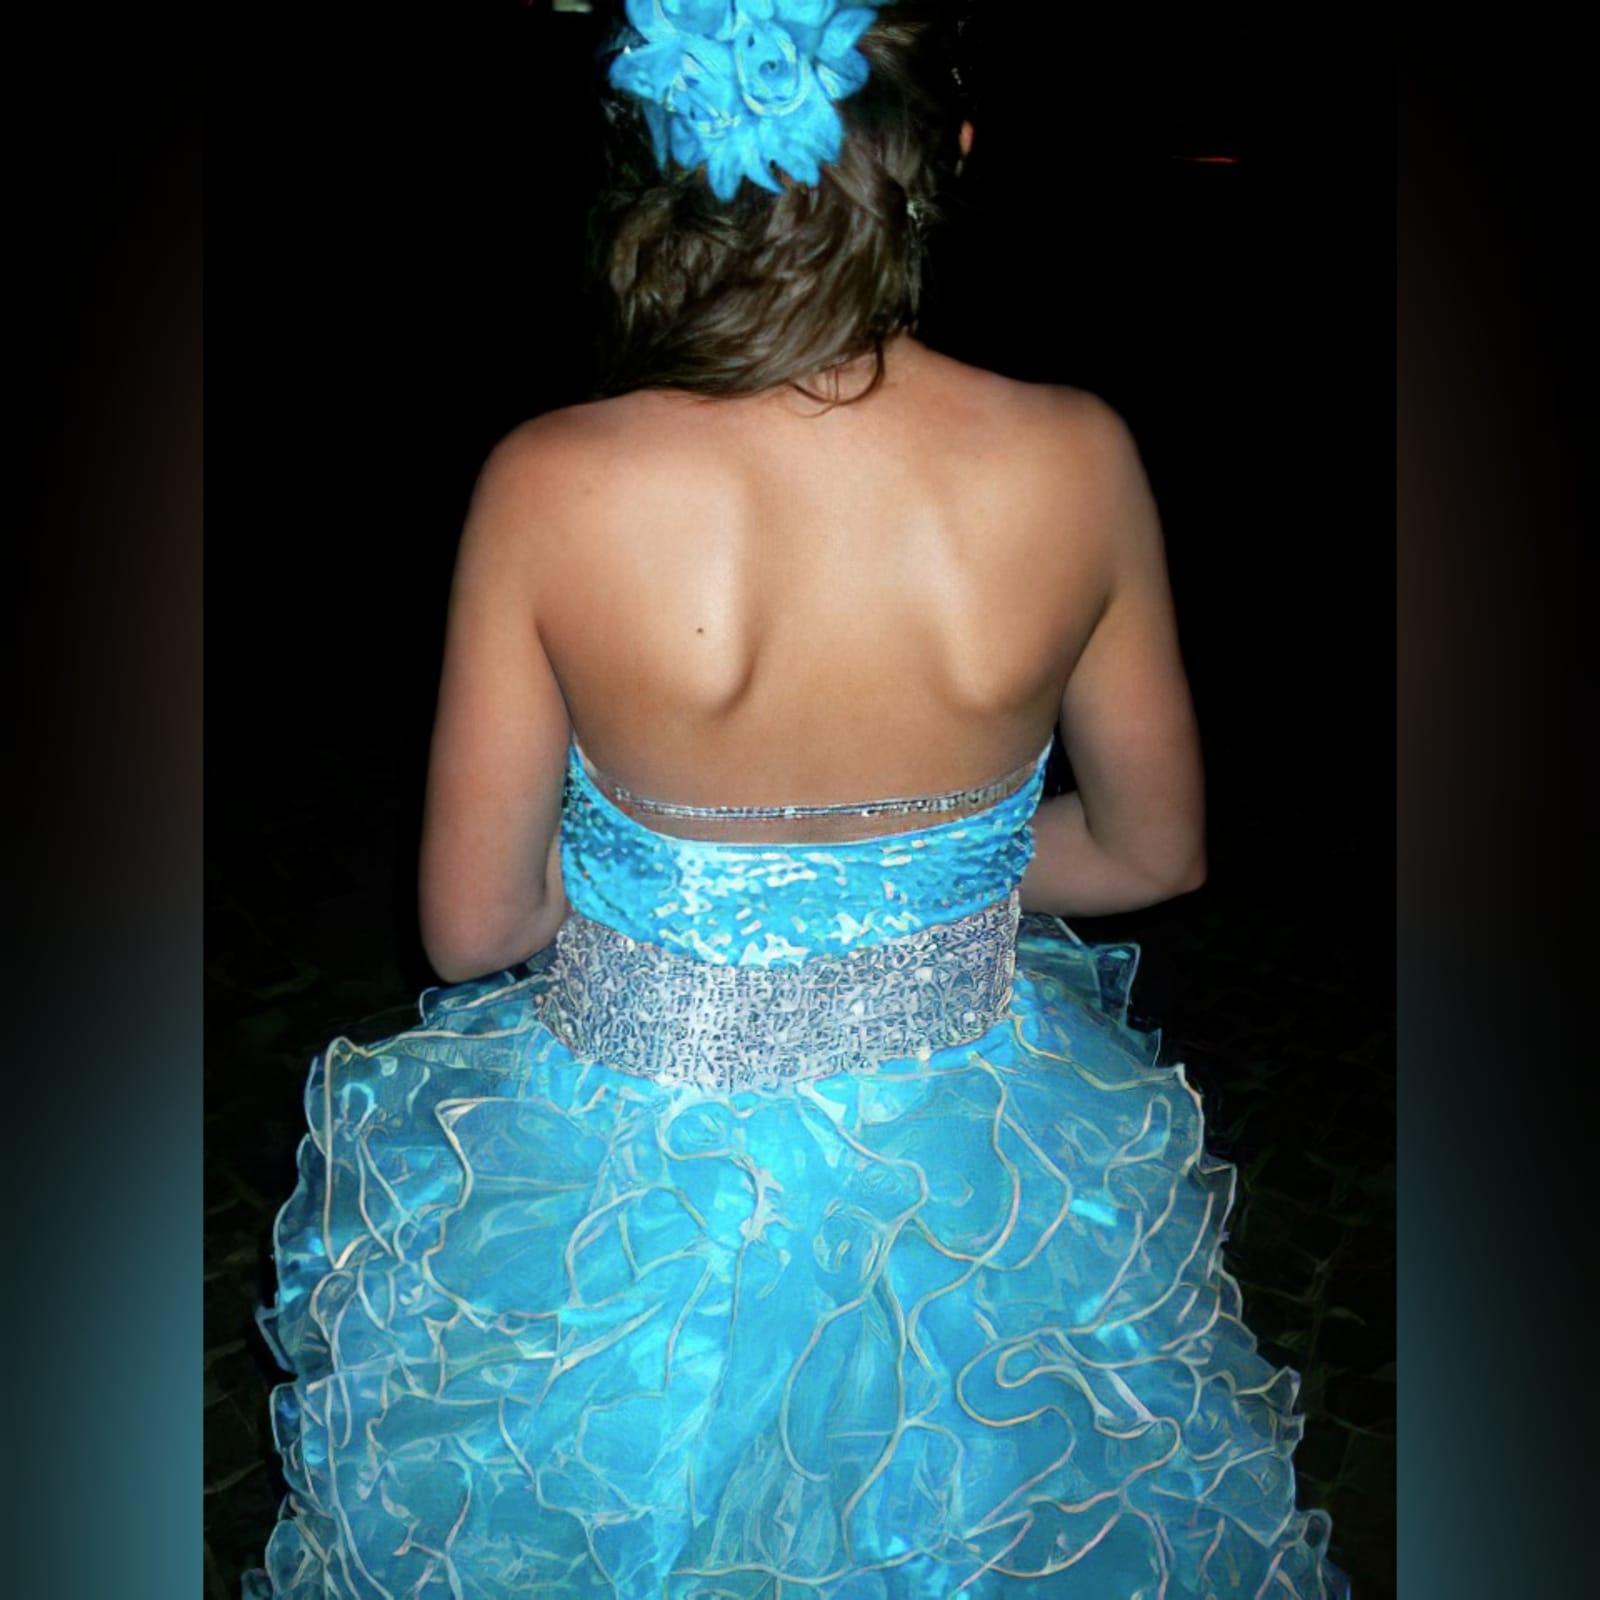 Vestido de finalistas princesa 3 cores 5 vestido de finalistas princesa 3 cores. Corpete com pedraria espalhada, com um cinto prateado largo, fundo completamente de folhos.